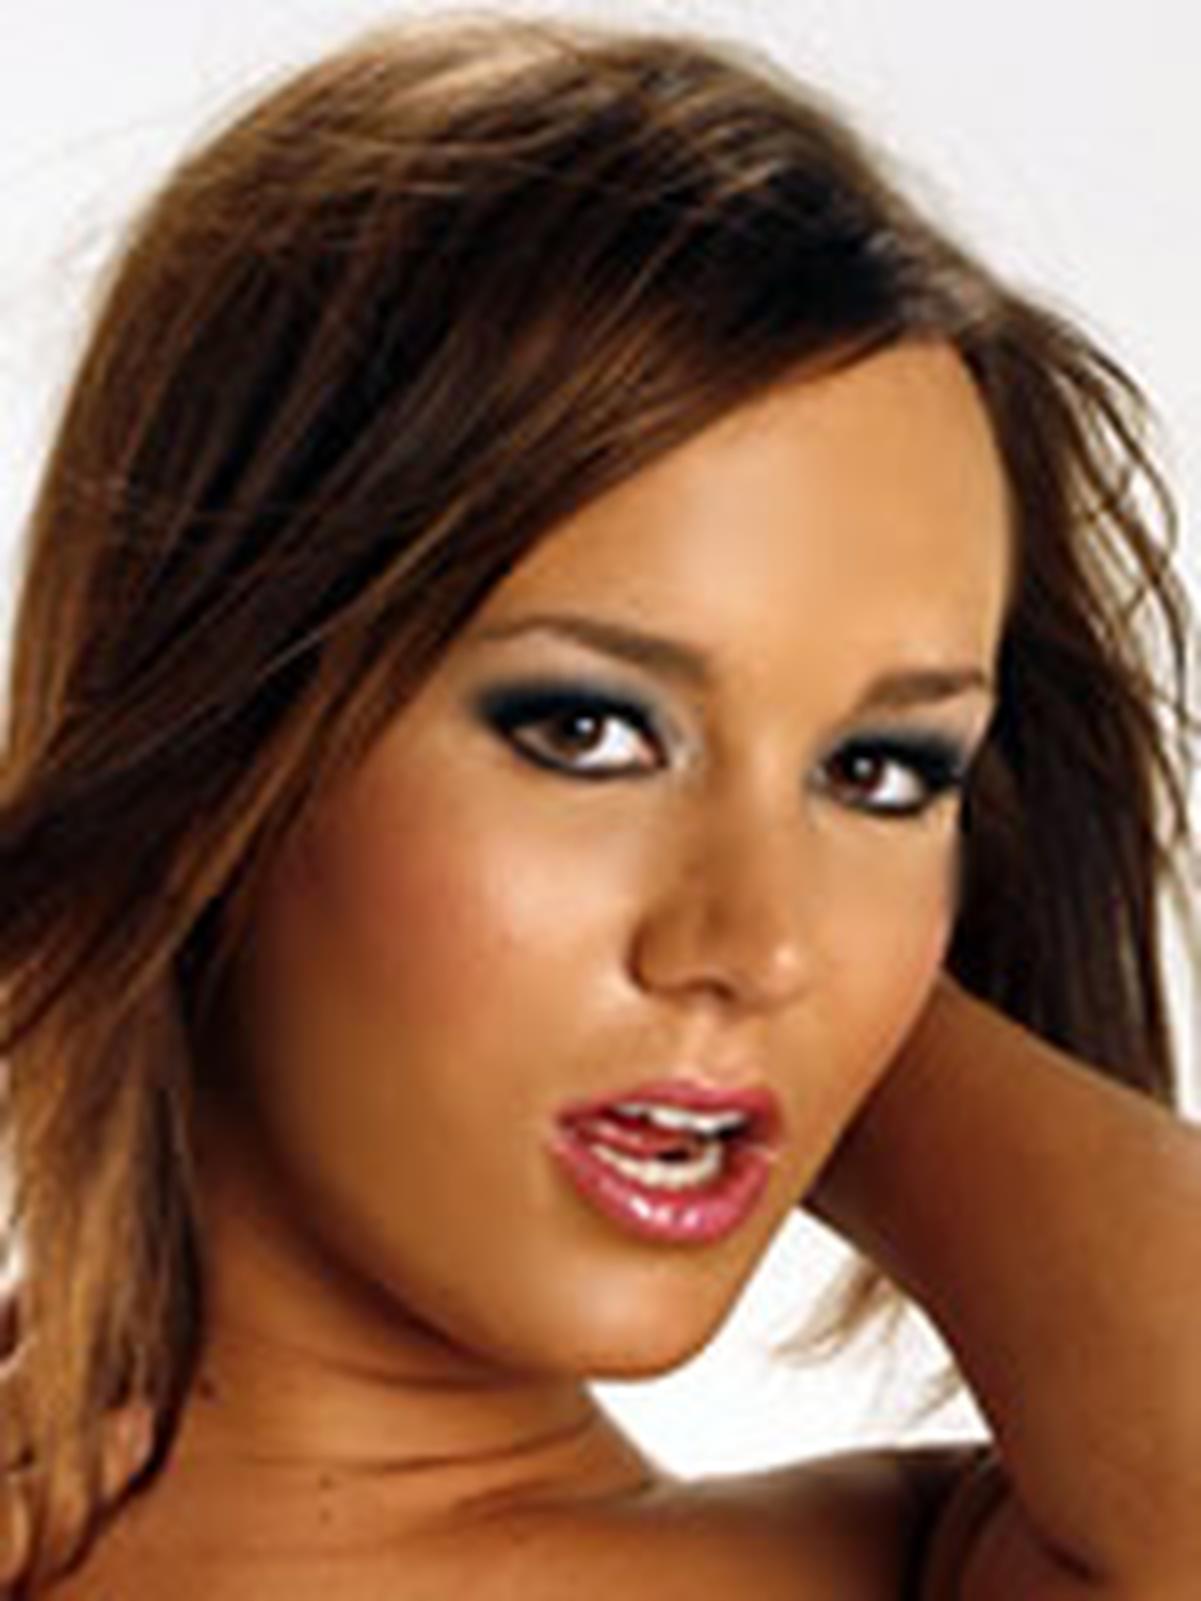 Jaclyn Case Nude Photos 53